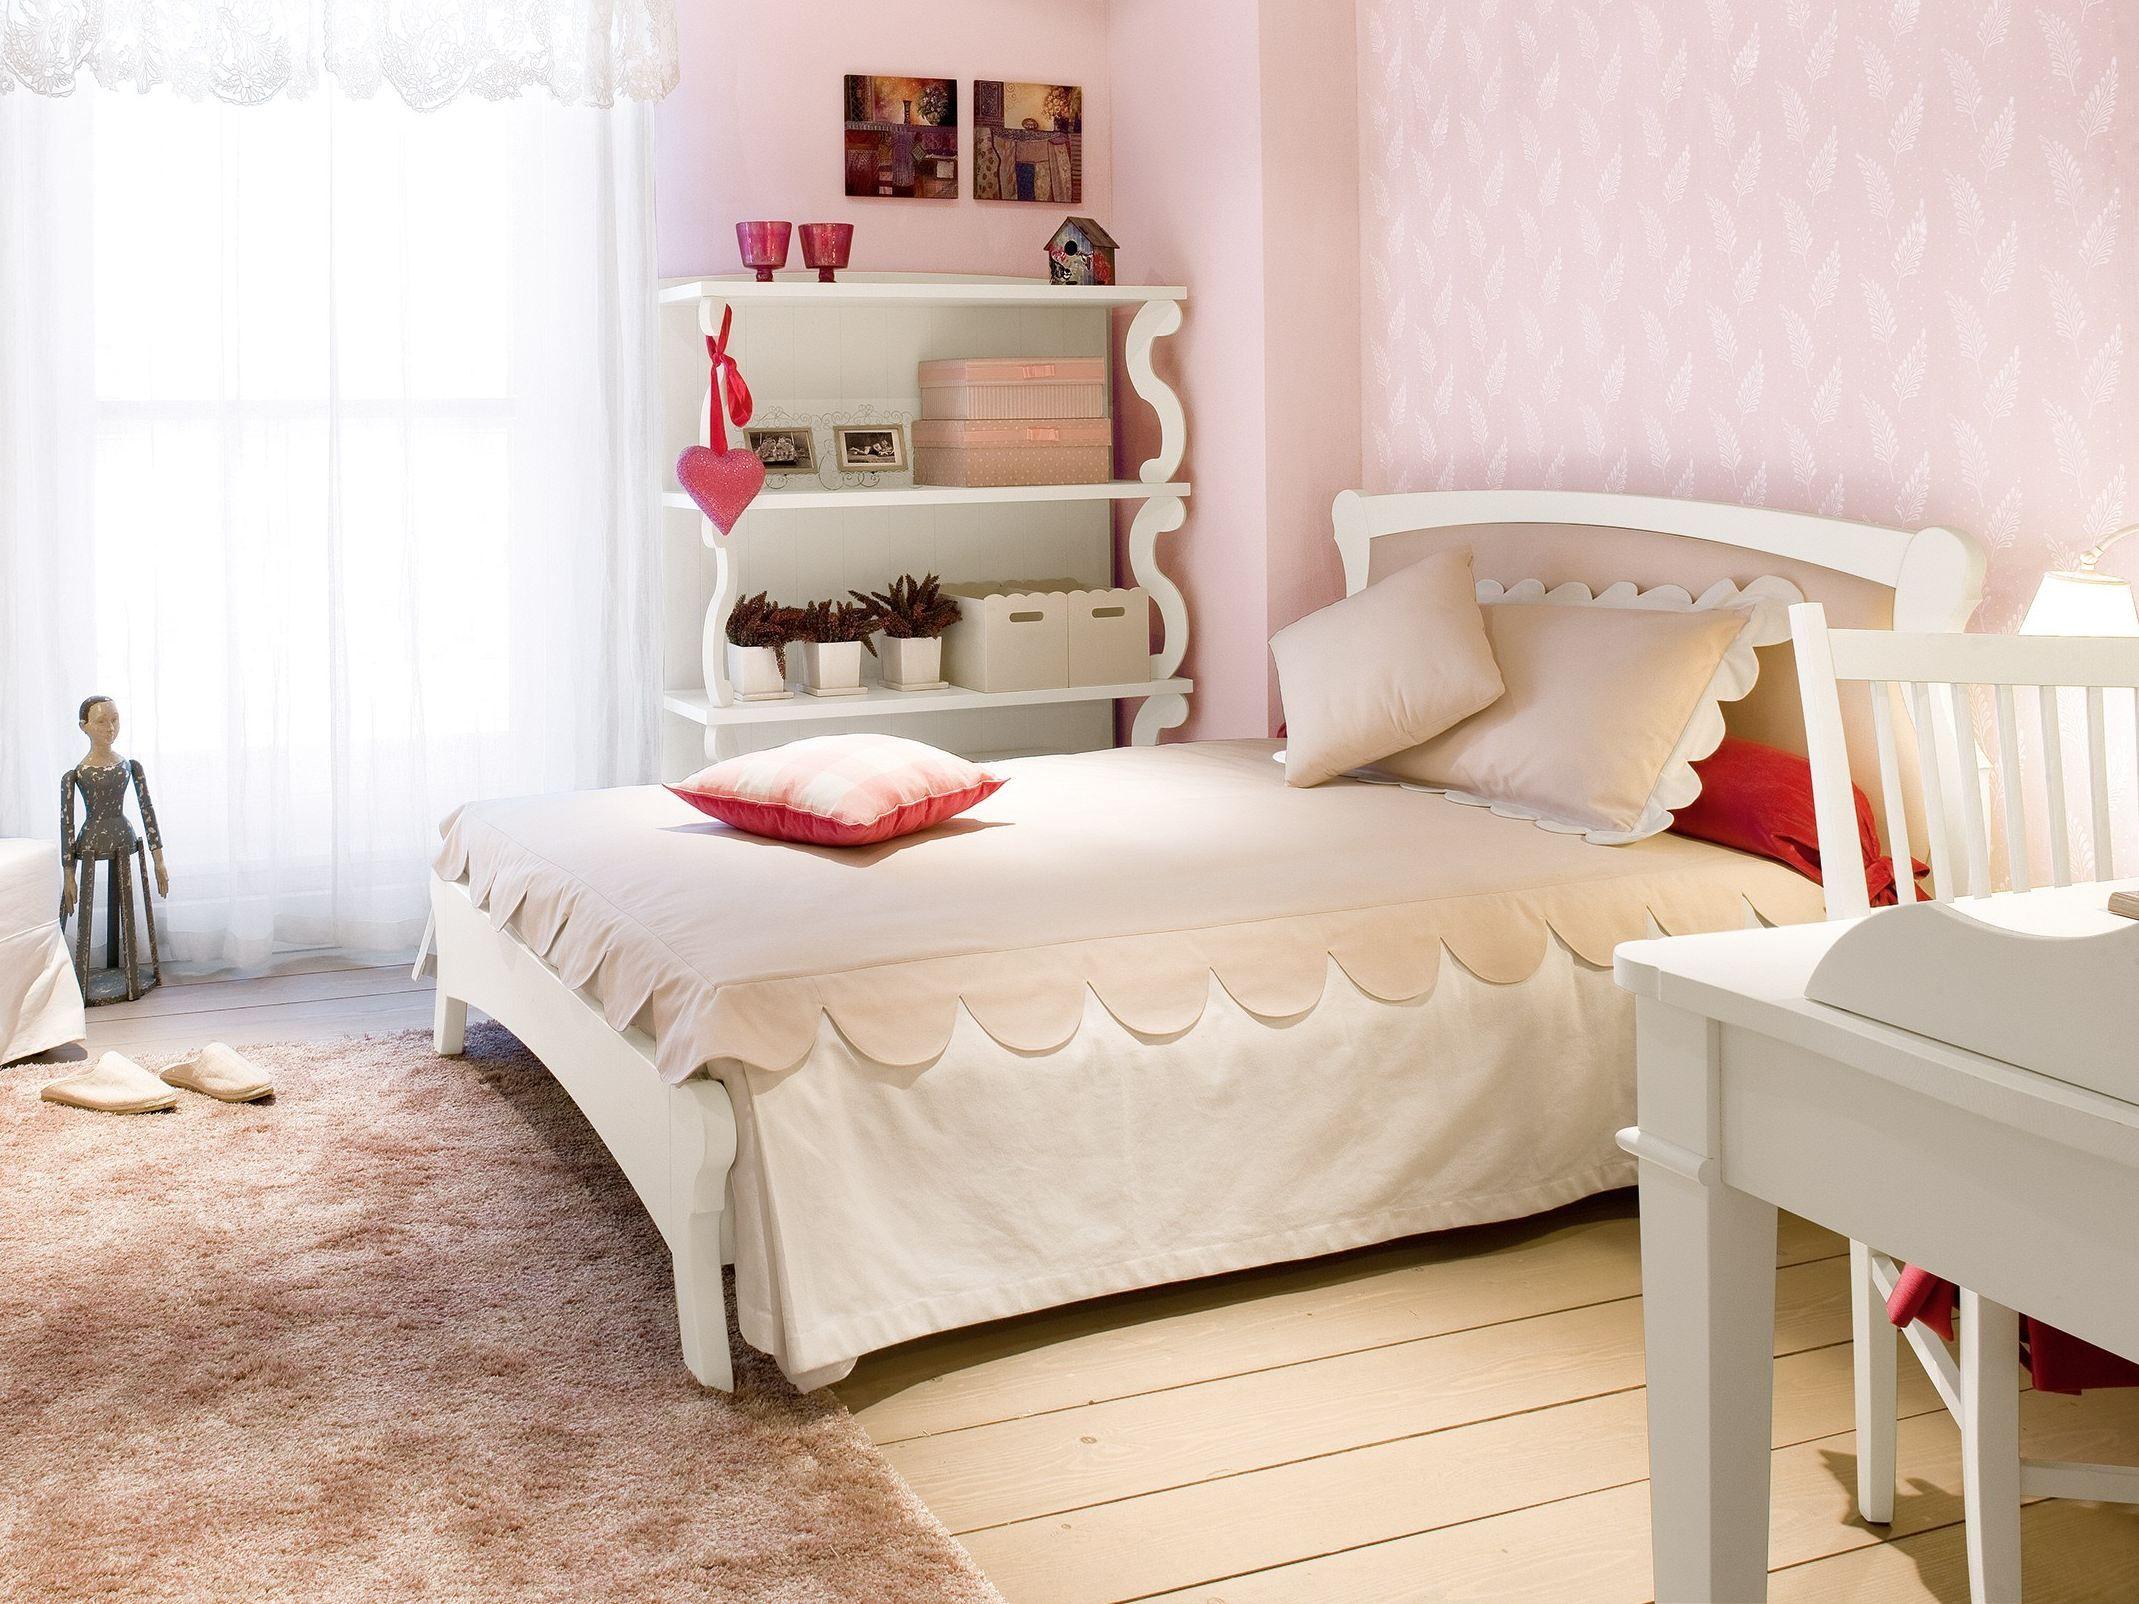 Fulton letto queen size by minacciolo - Testiera imbottita letto ...